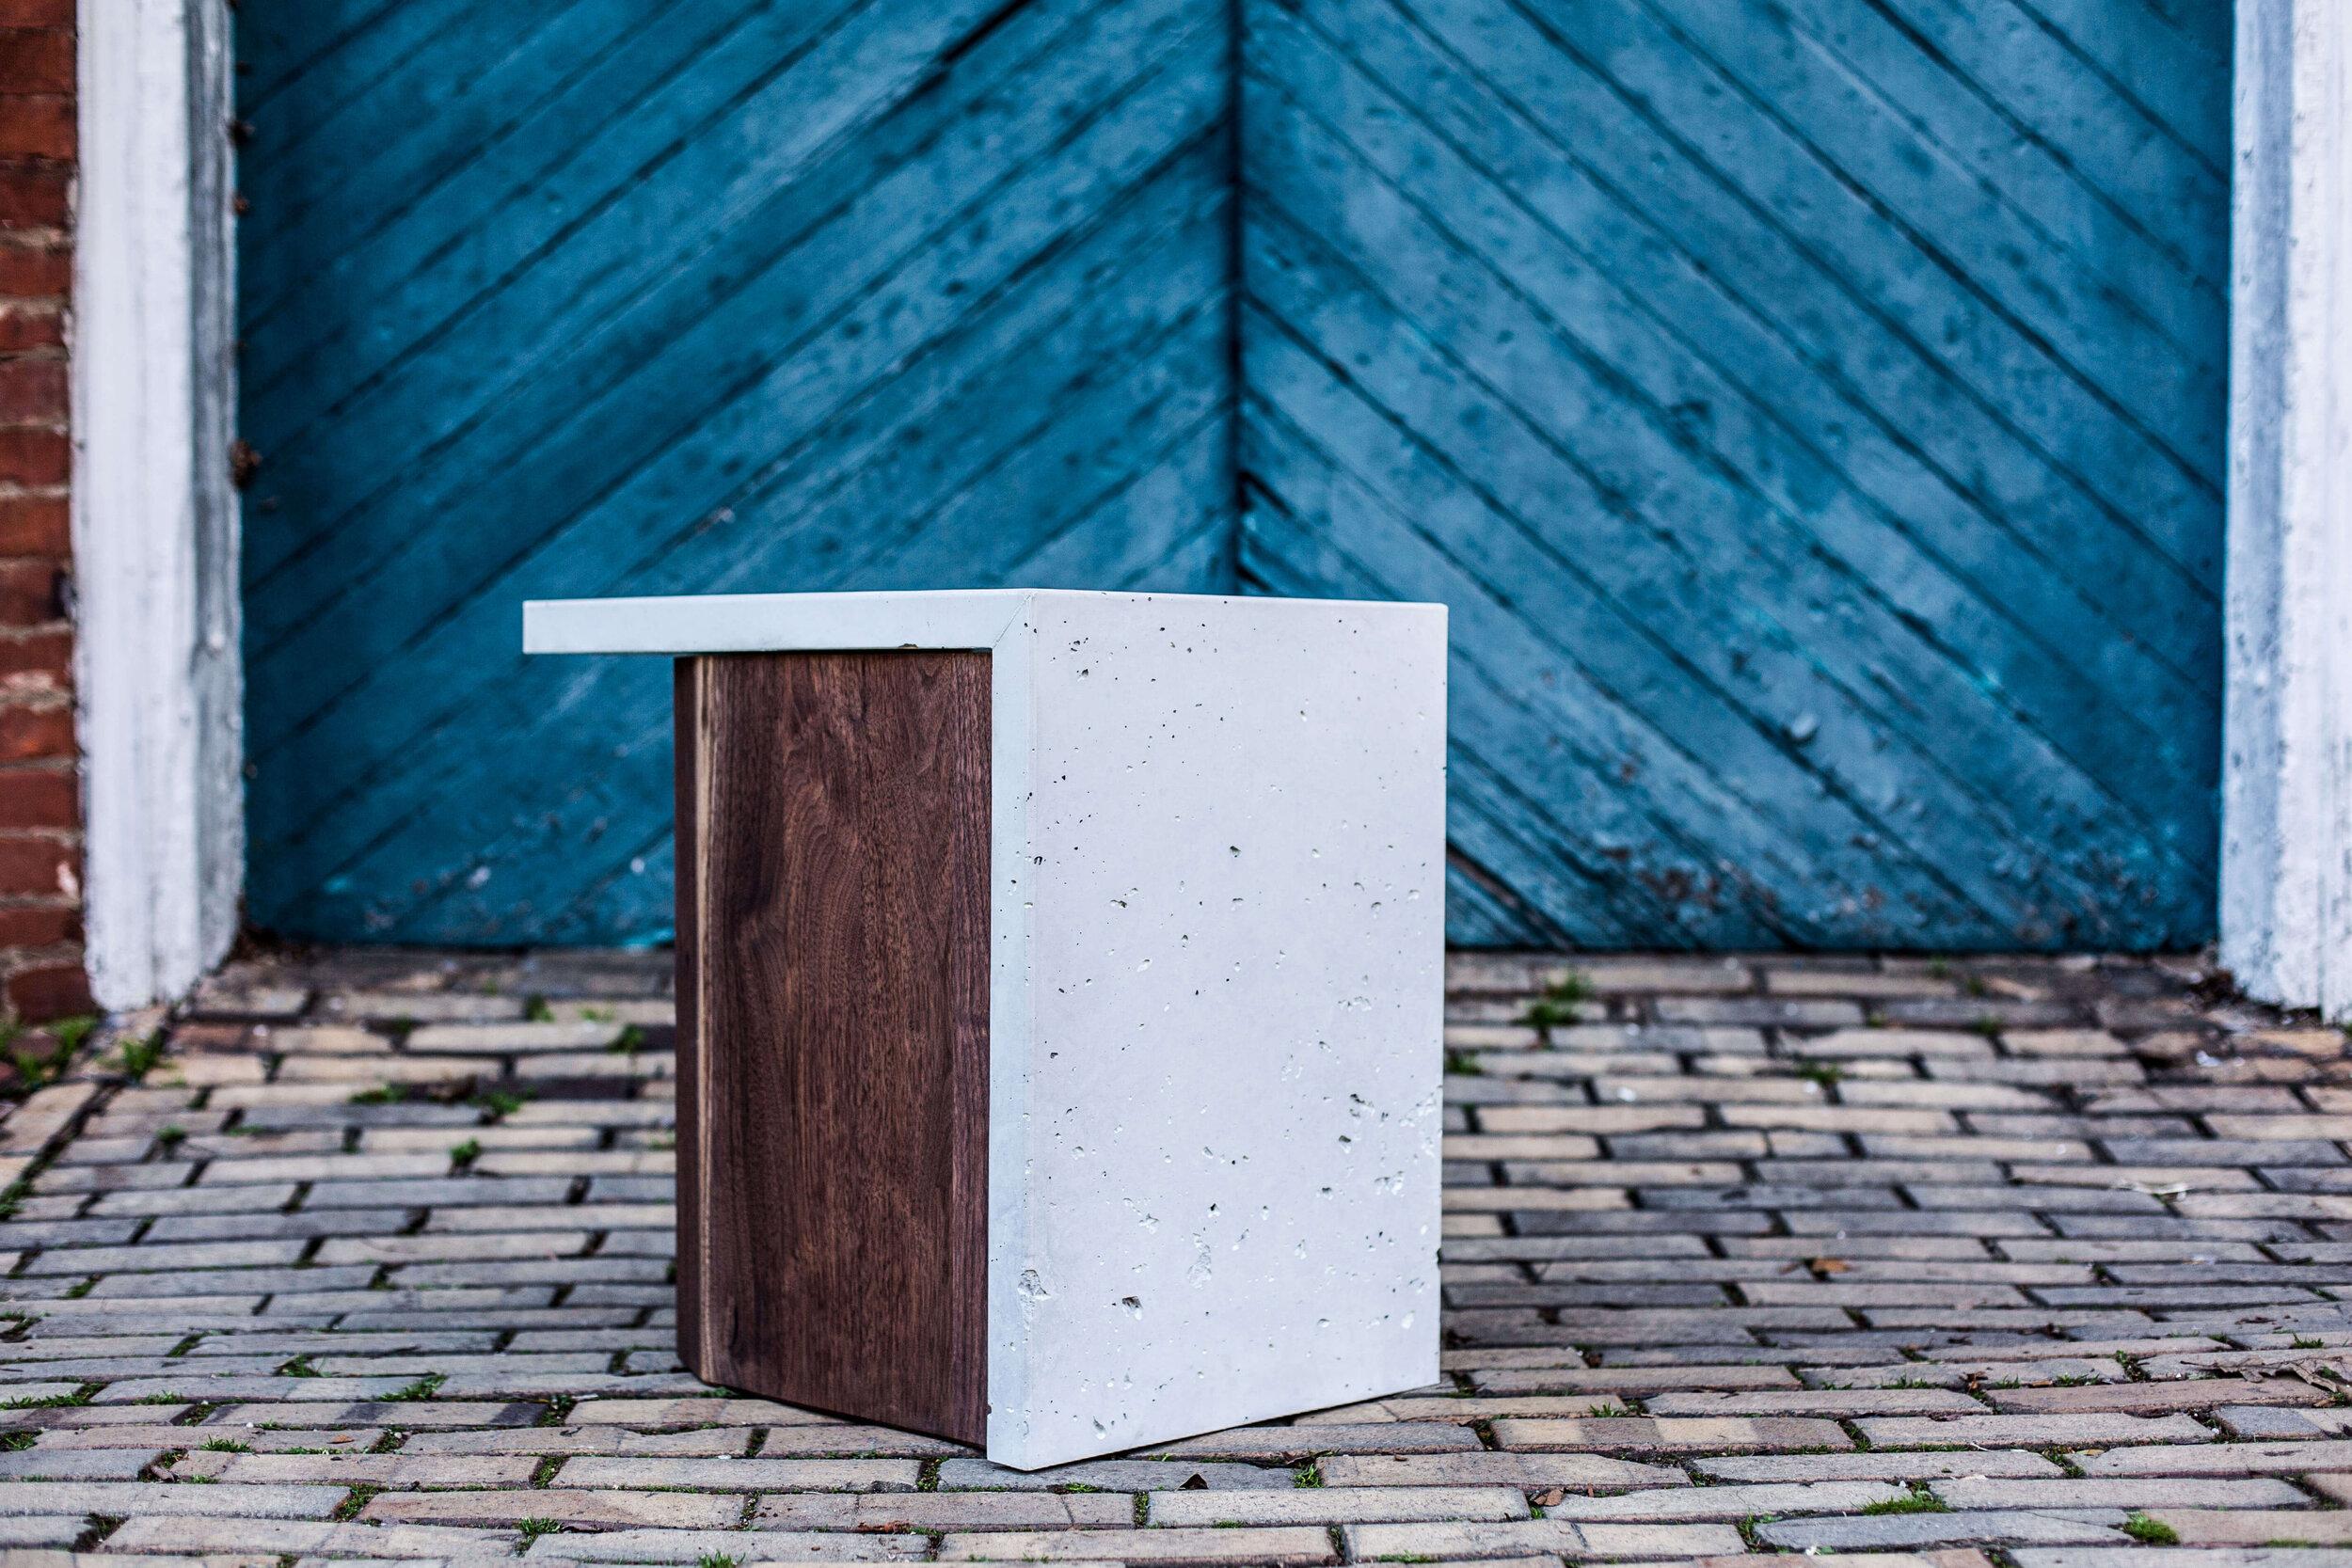 Alicia_Dietz_Modern_Home_Contemporary_Design_Concrete_Furniture_5